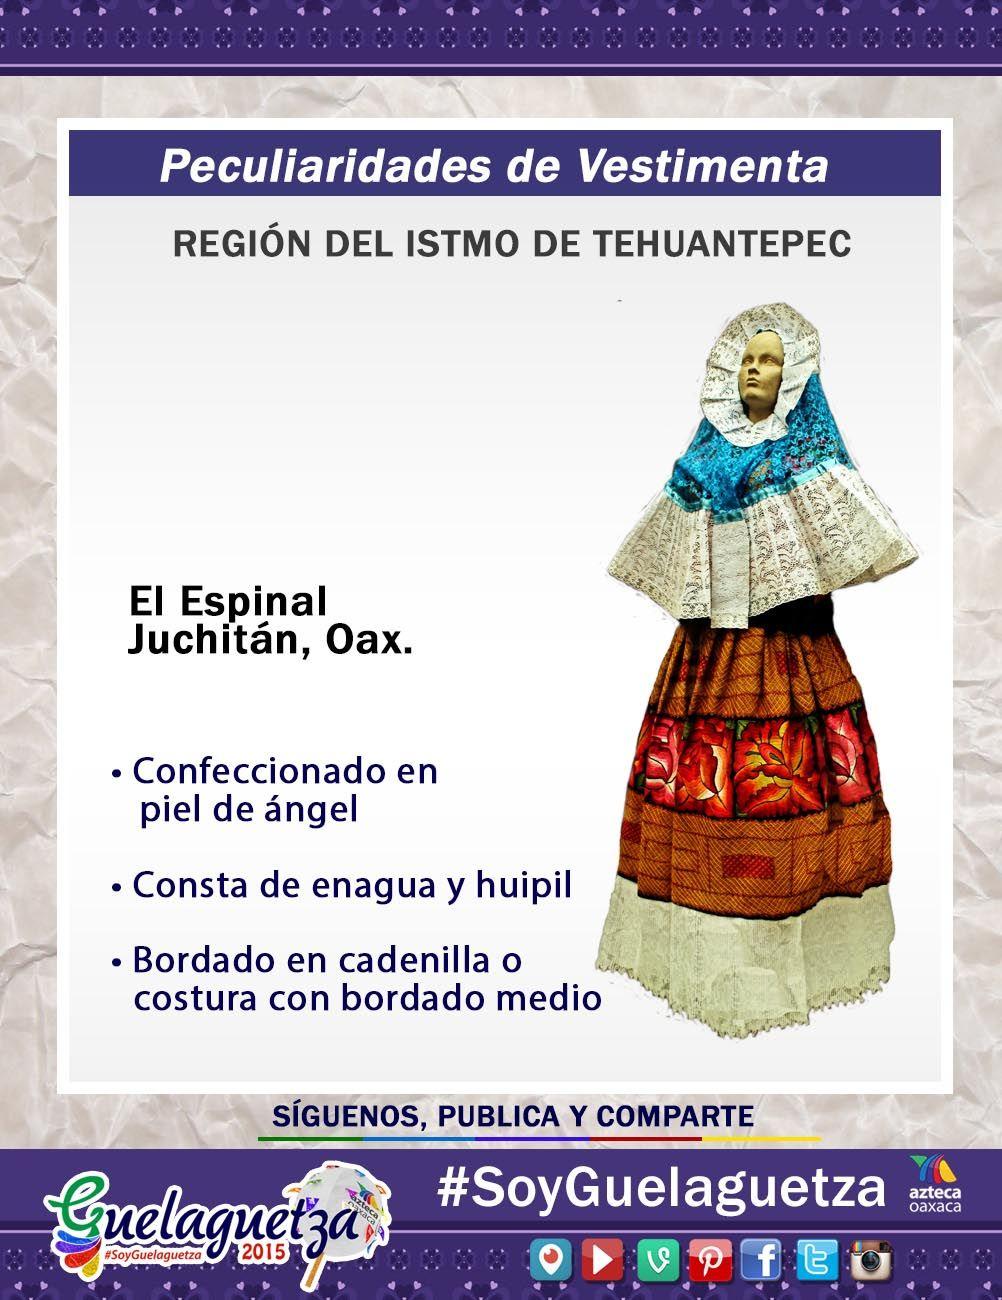 SoyGuelaguetza de la región del Istmo de Tehuantepec conoce la ...